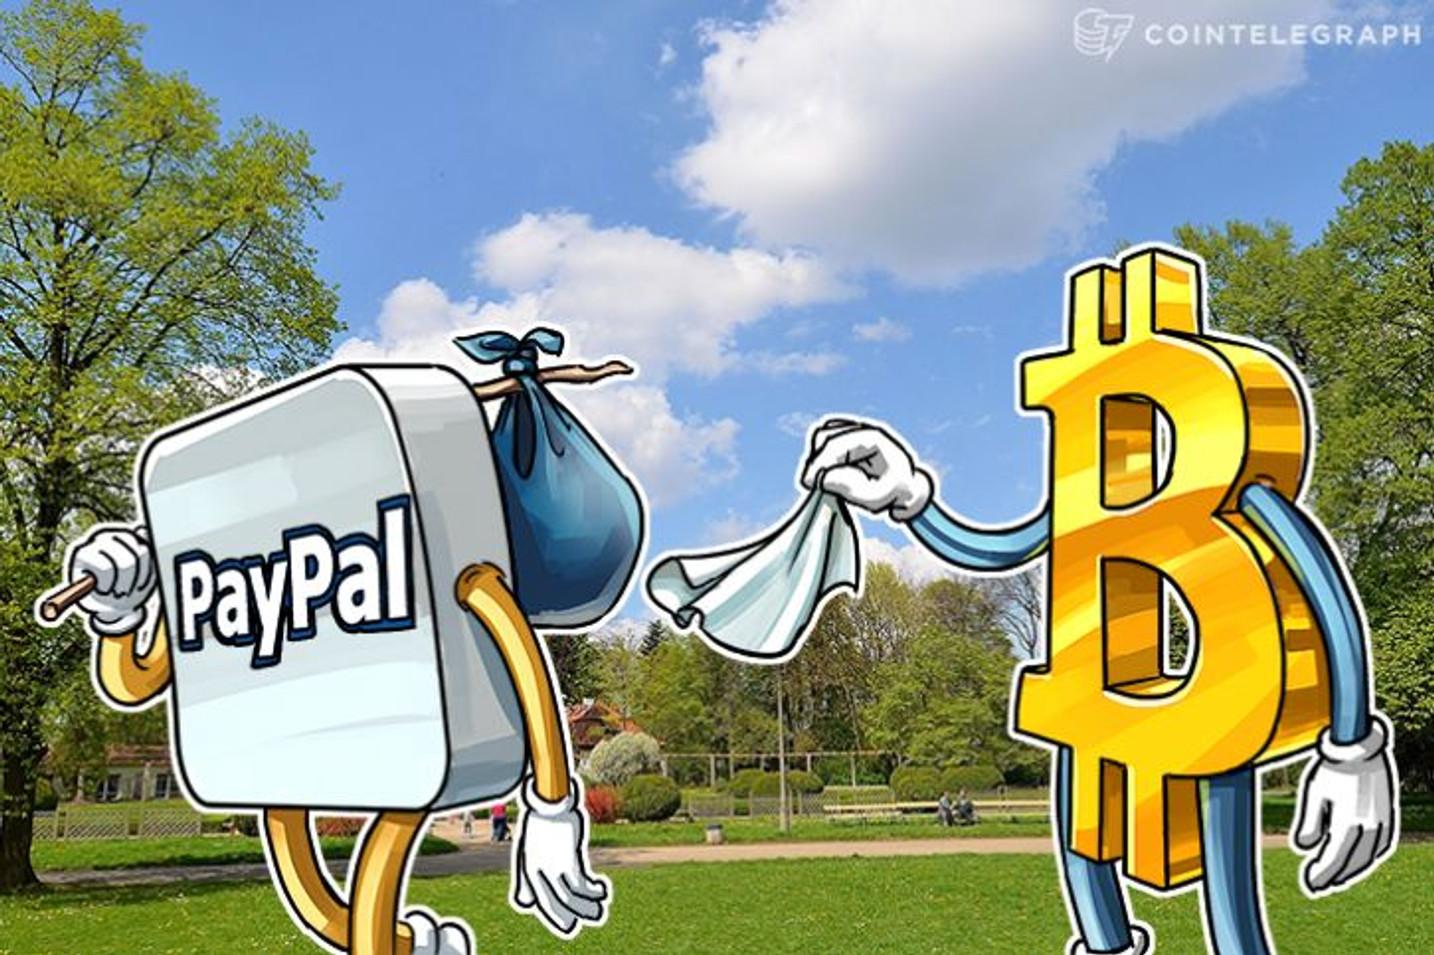 El cofundador de PayPal dice que Blockchain es buena, pero no está tan seguro sobre Bitcoin